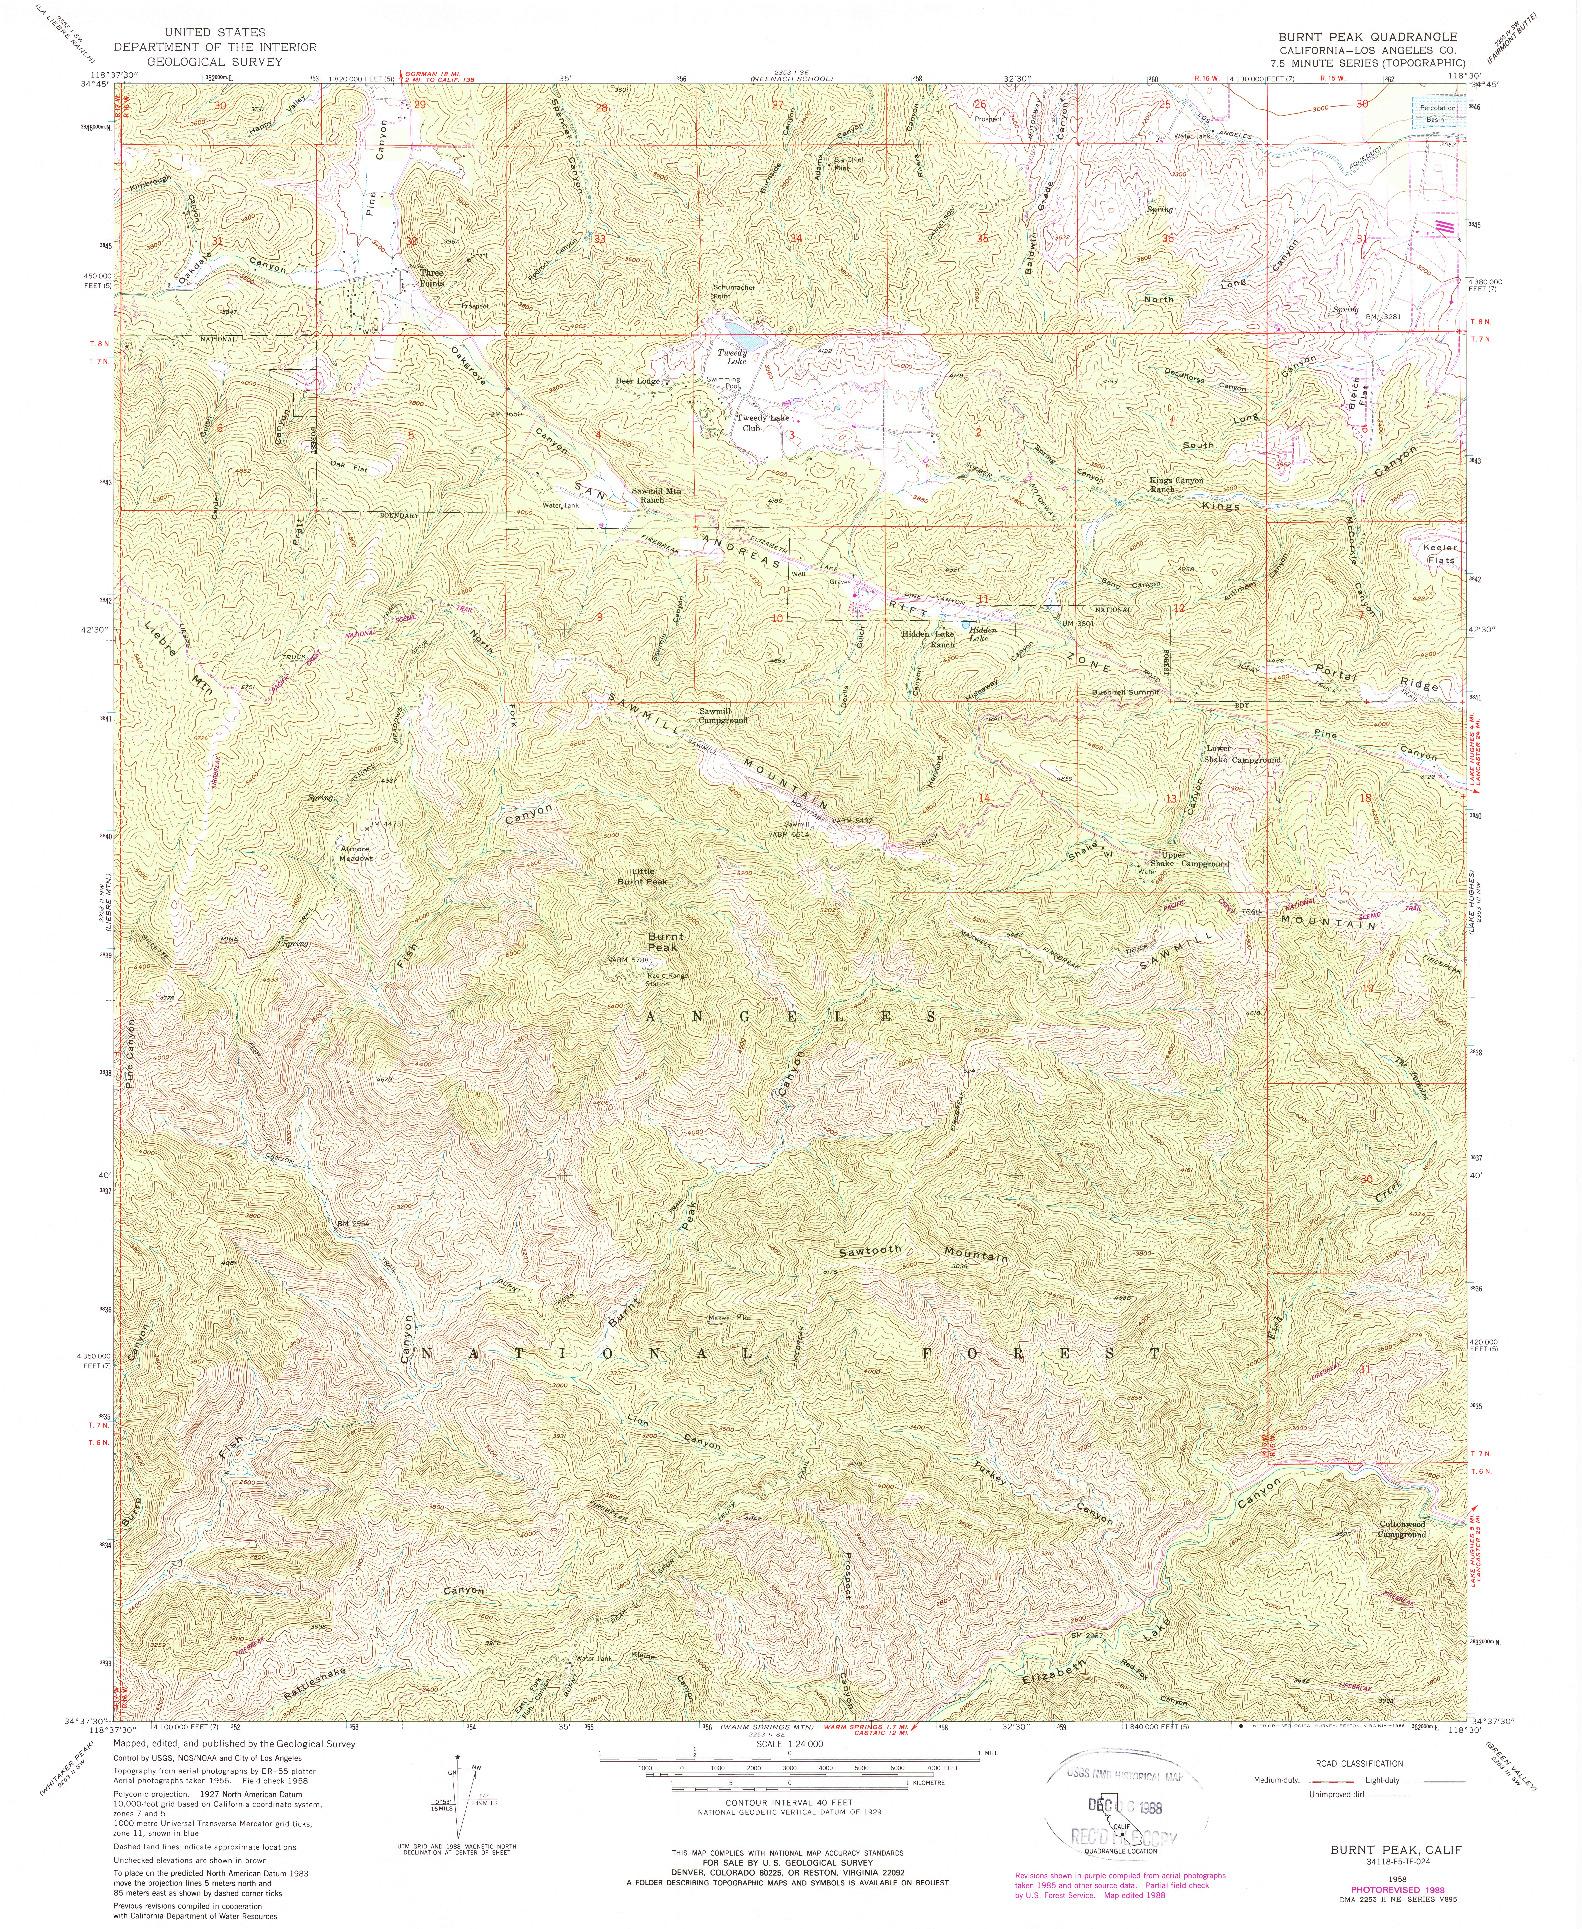 USGS 1:24000-SCALE QUADRANGLE FOR BURNT PEAK, CA 1958